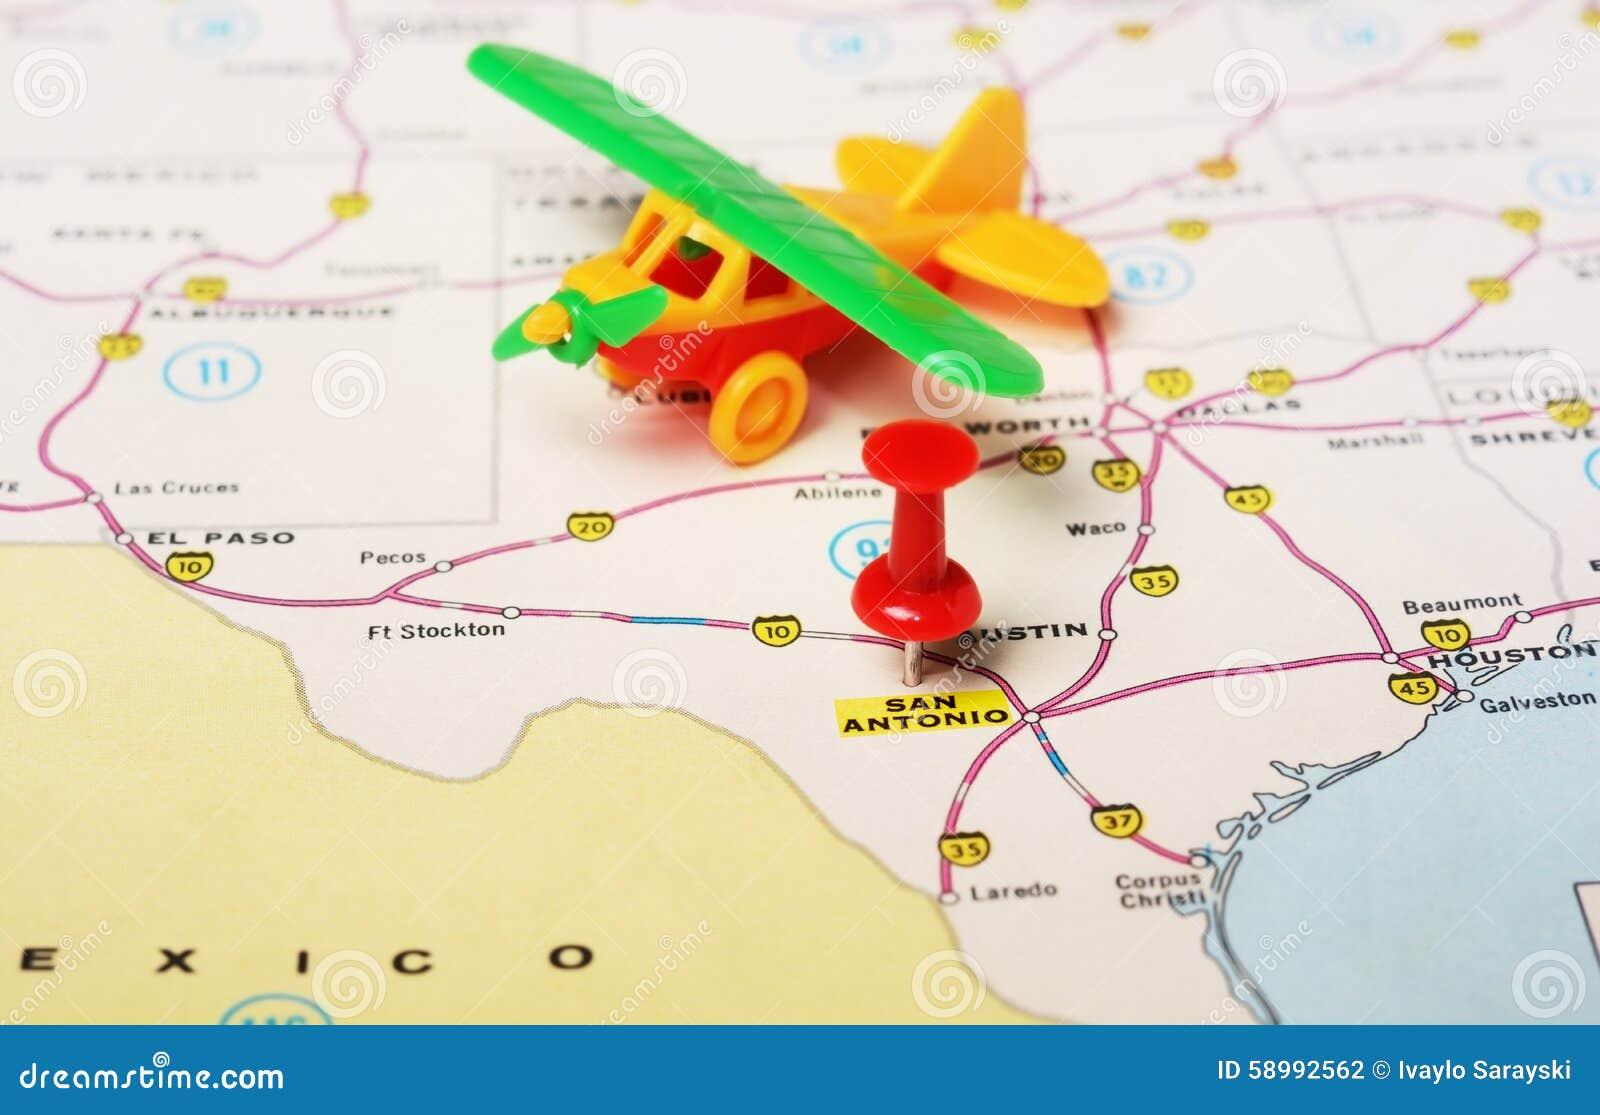 San Antonio USA Map Airplane Stock Photo Image - San antonio us map